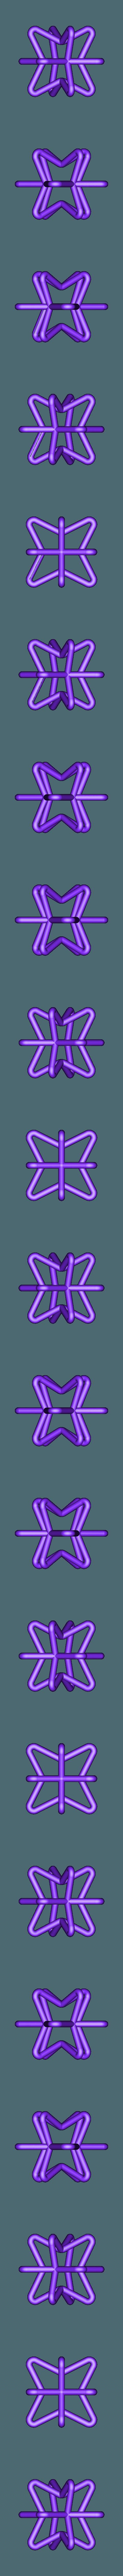 A2_6.stl Télécharger fichier STL gratuit Cellules de l'unité auxiliaire • Objet imprimable en 3D, sjpiper145